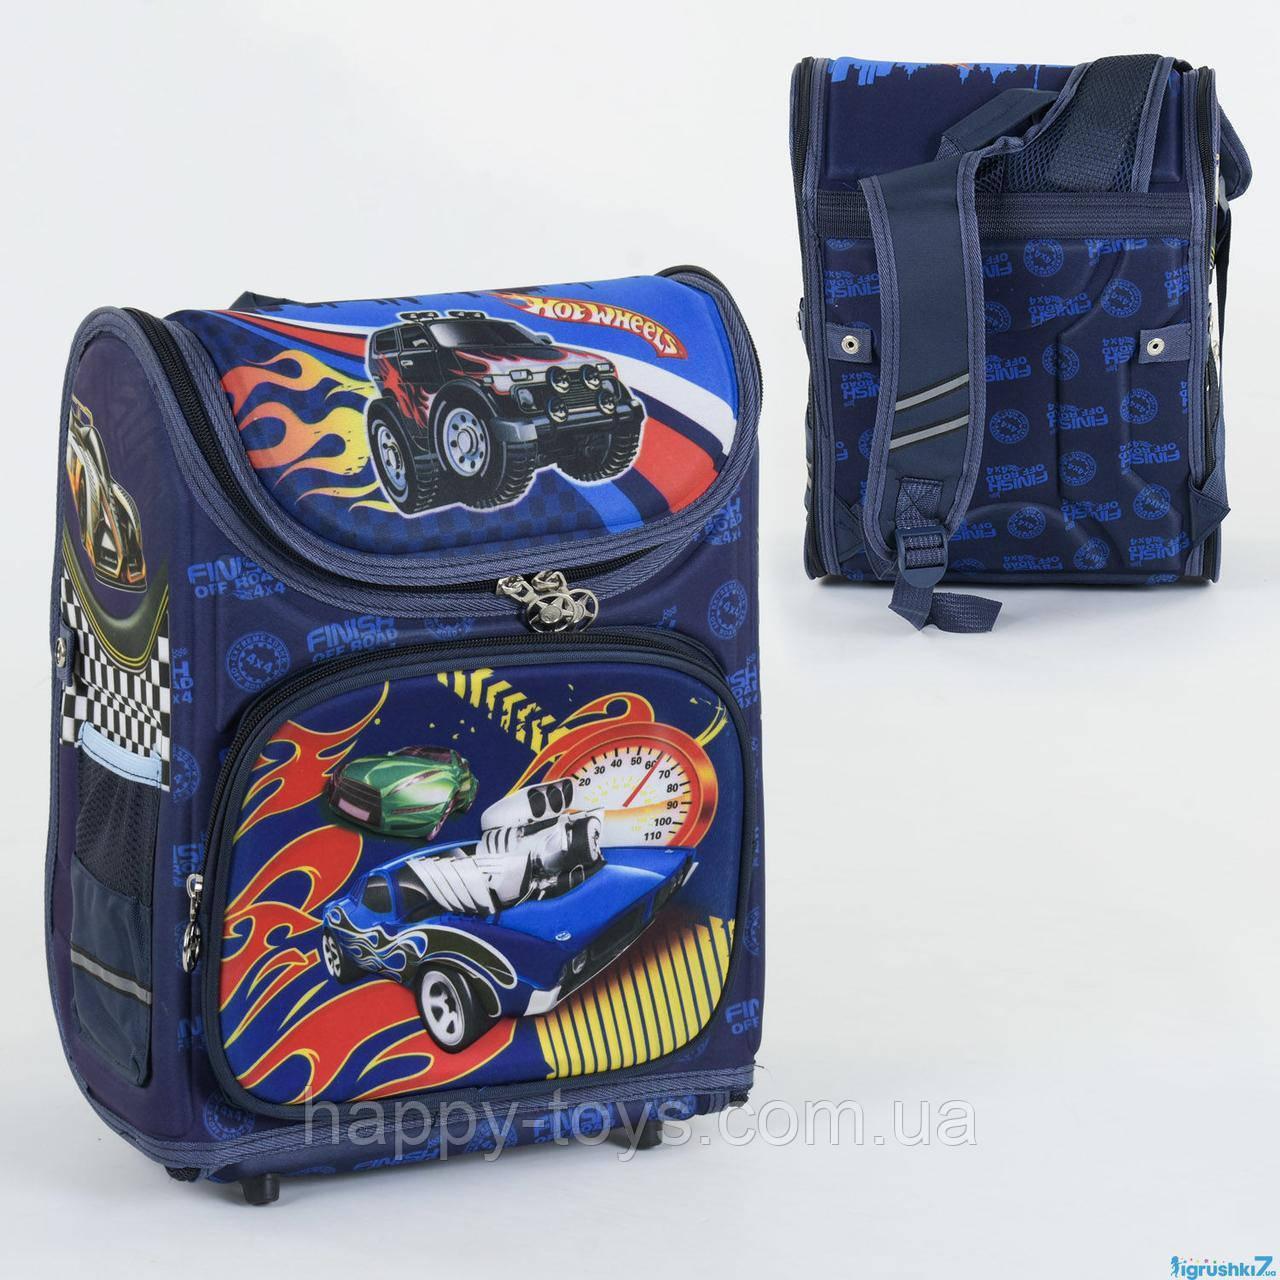 Рюкзак школьный каркасный 1 отделение, 3 кармана, спинка ортопедическая, 3D изображение С 36172